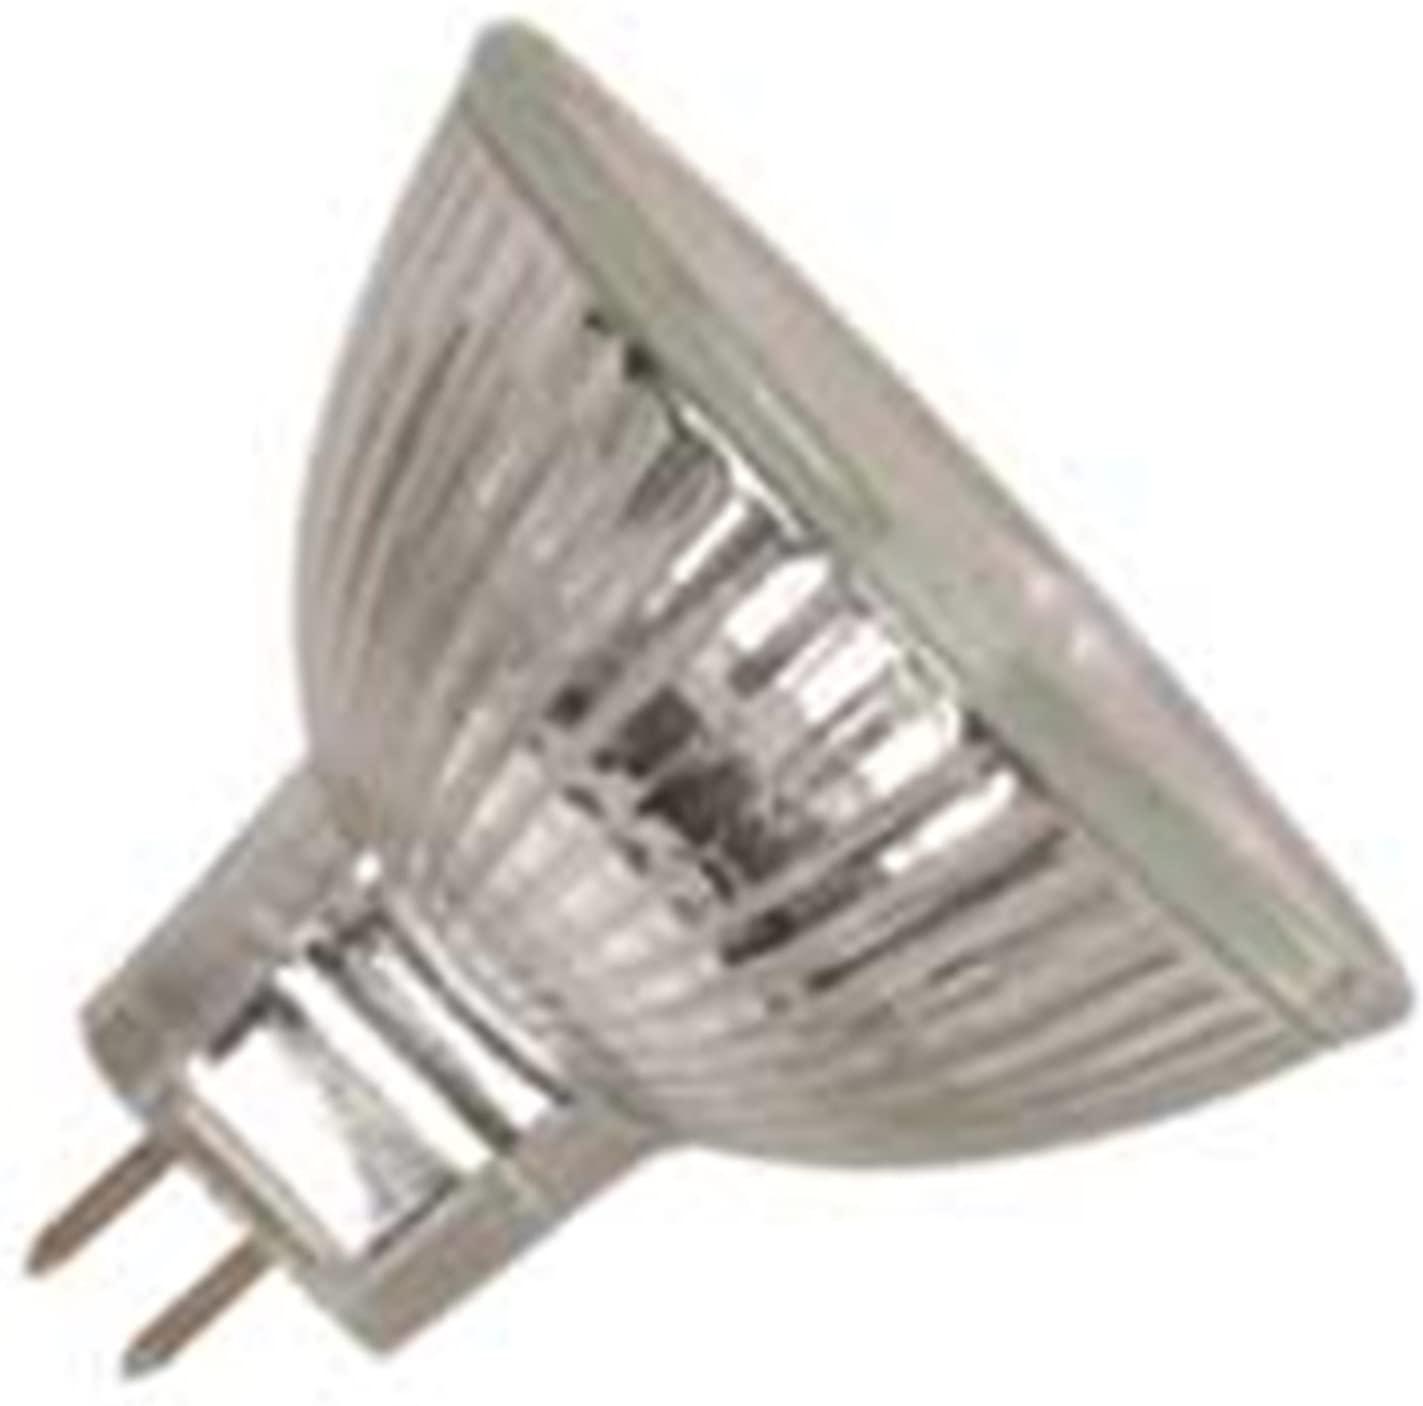 10 Qty. Halco 20W MR16 WFL LNS 12V GU5.3 Prism MR16WFL20/L/AL 20w 12v Halogen Wide Flood w/Lens Lamp Bulb